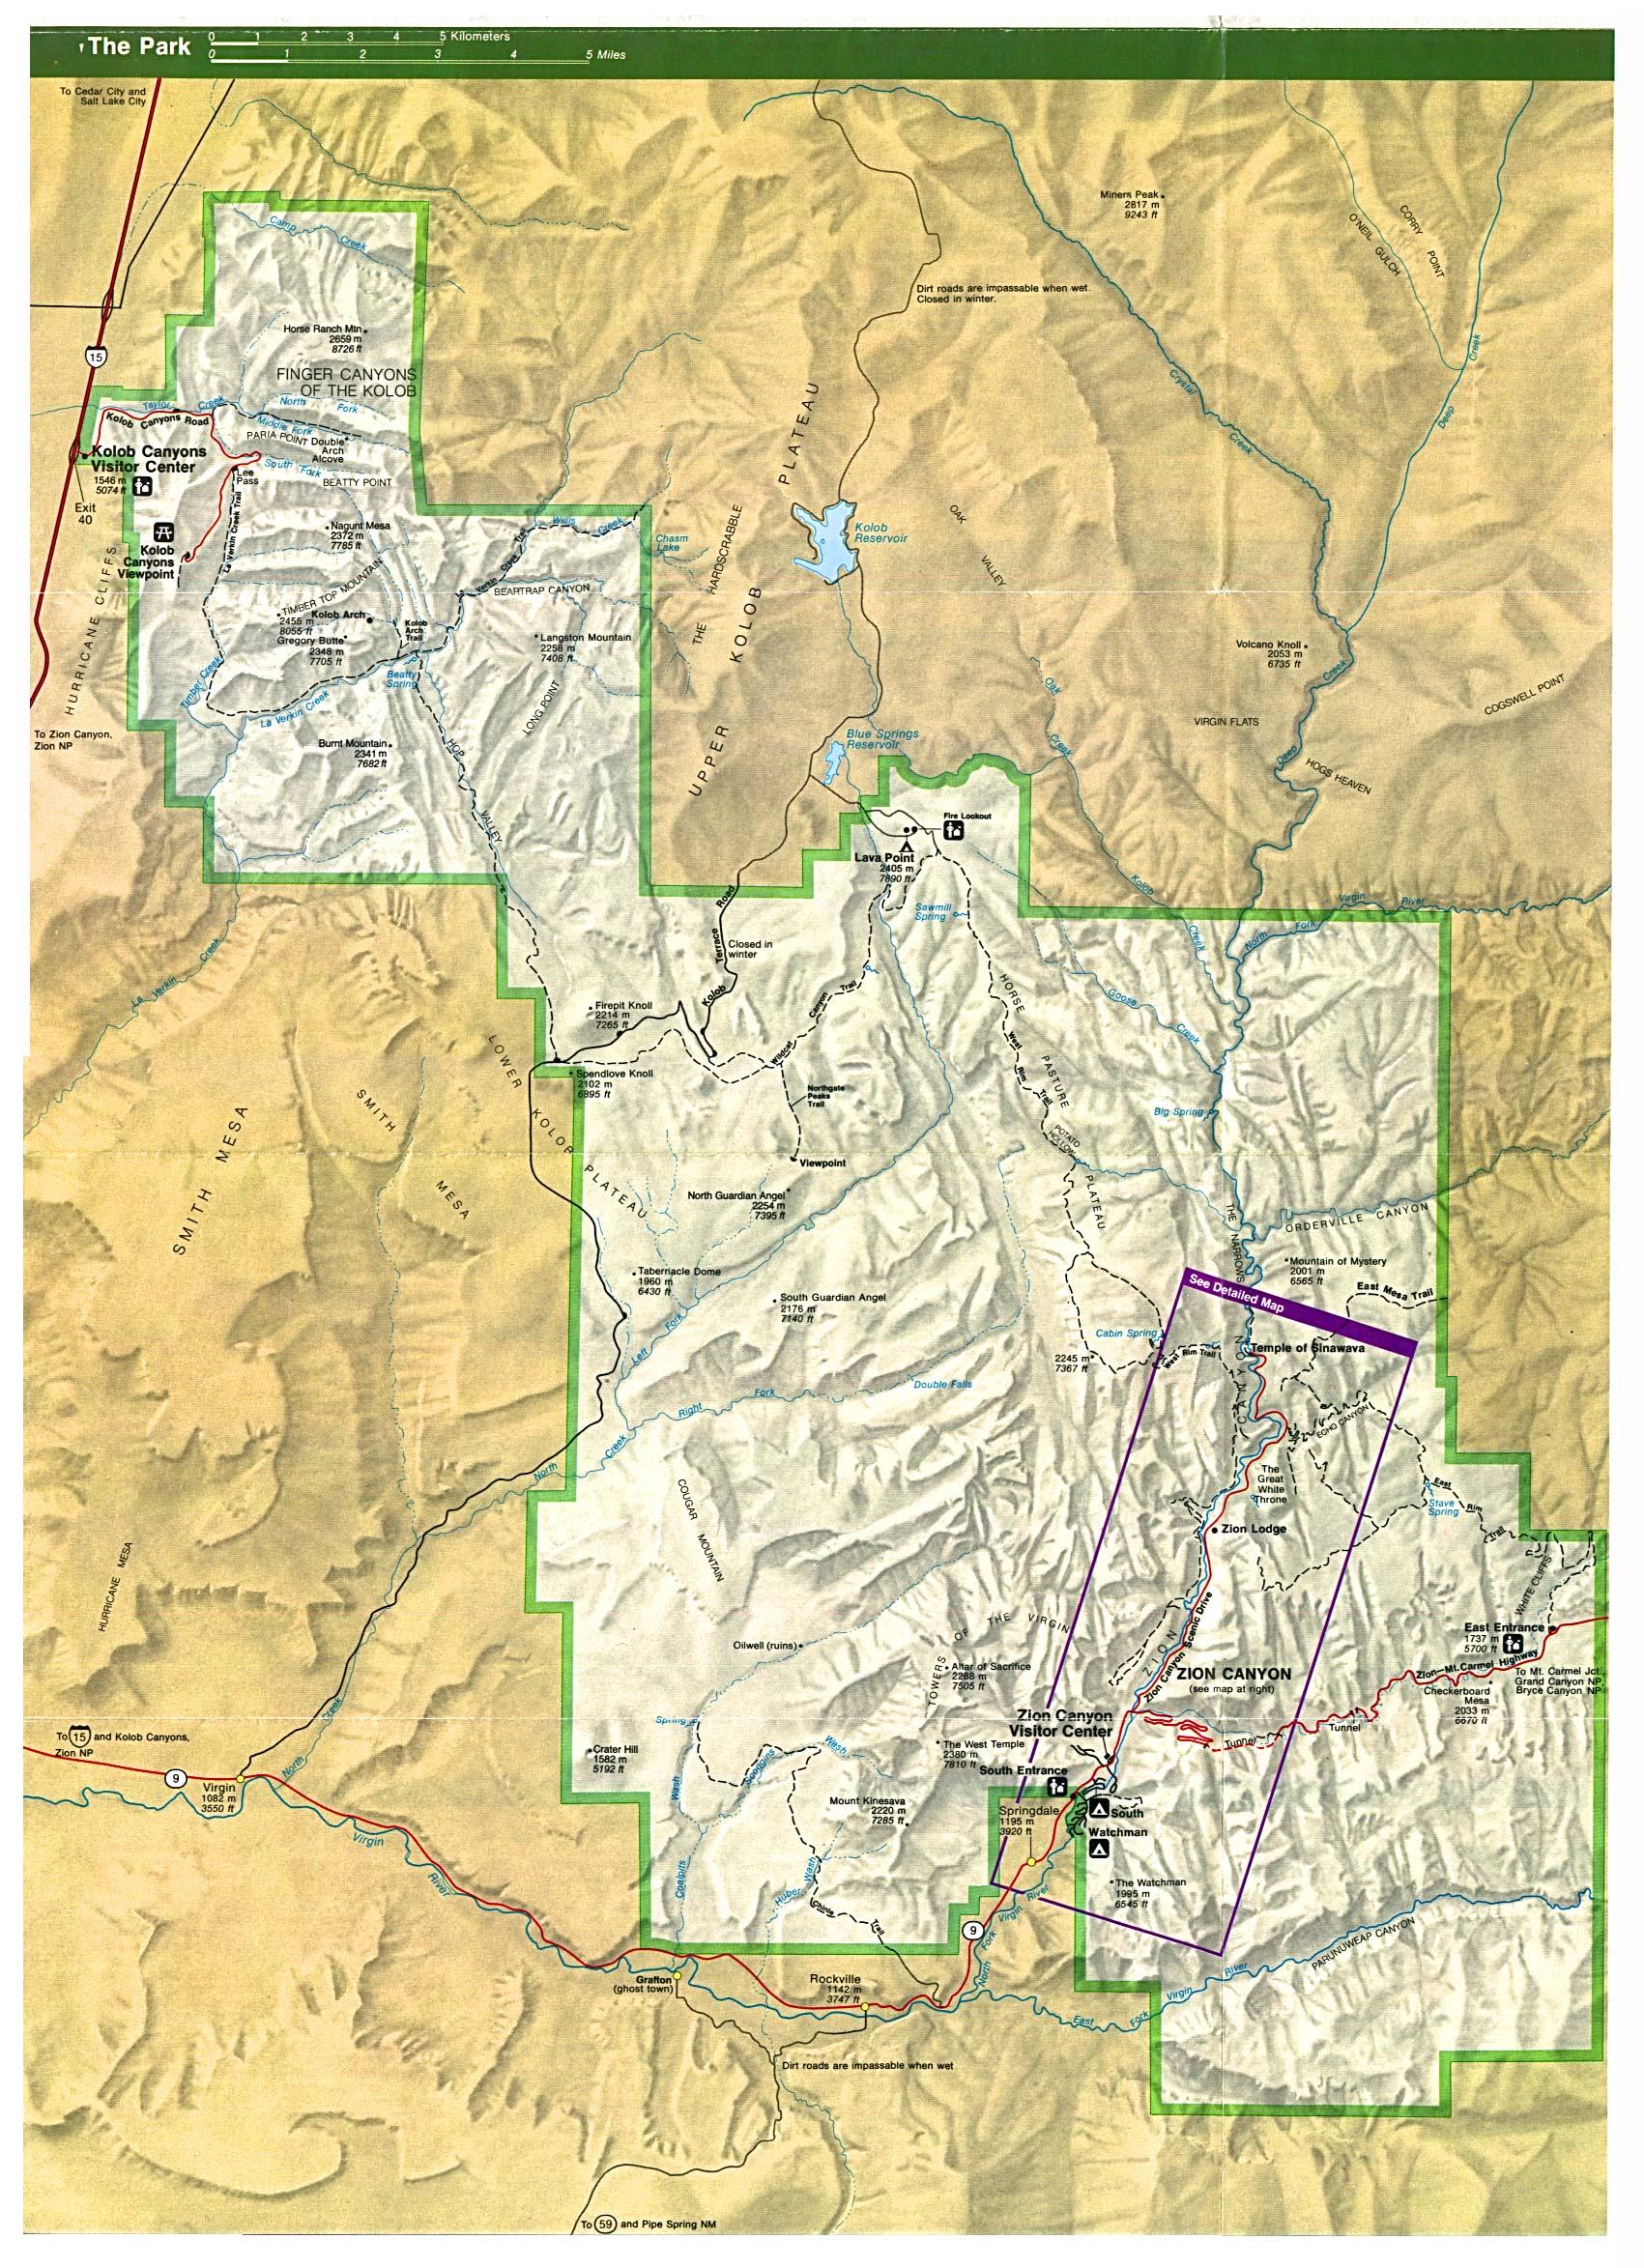 Mapa del Parque Nacional Zion, Utah, Estados Unidos